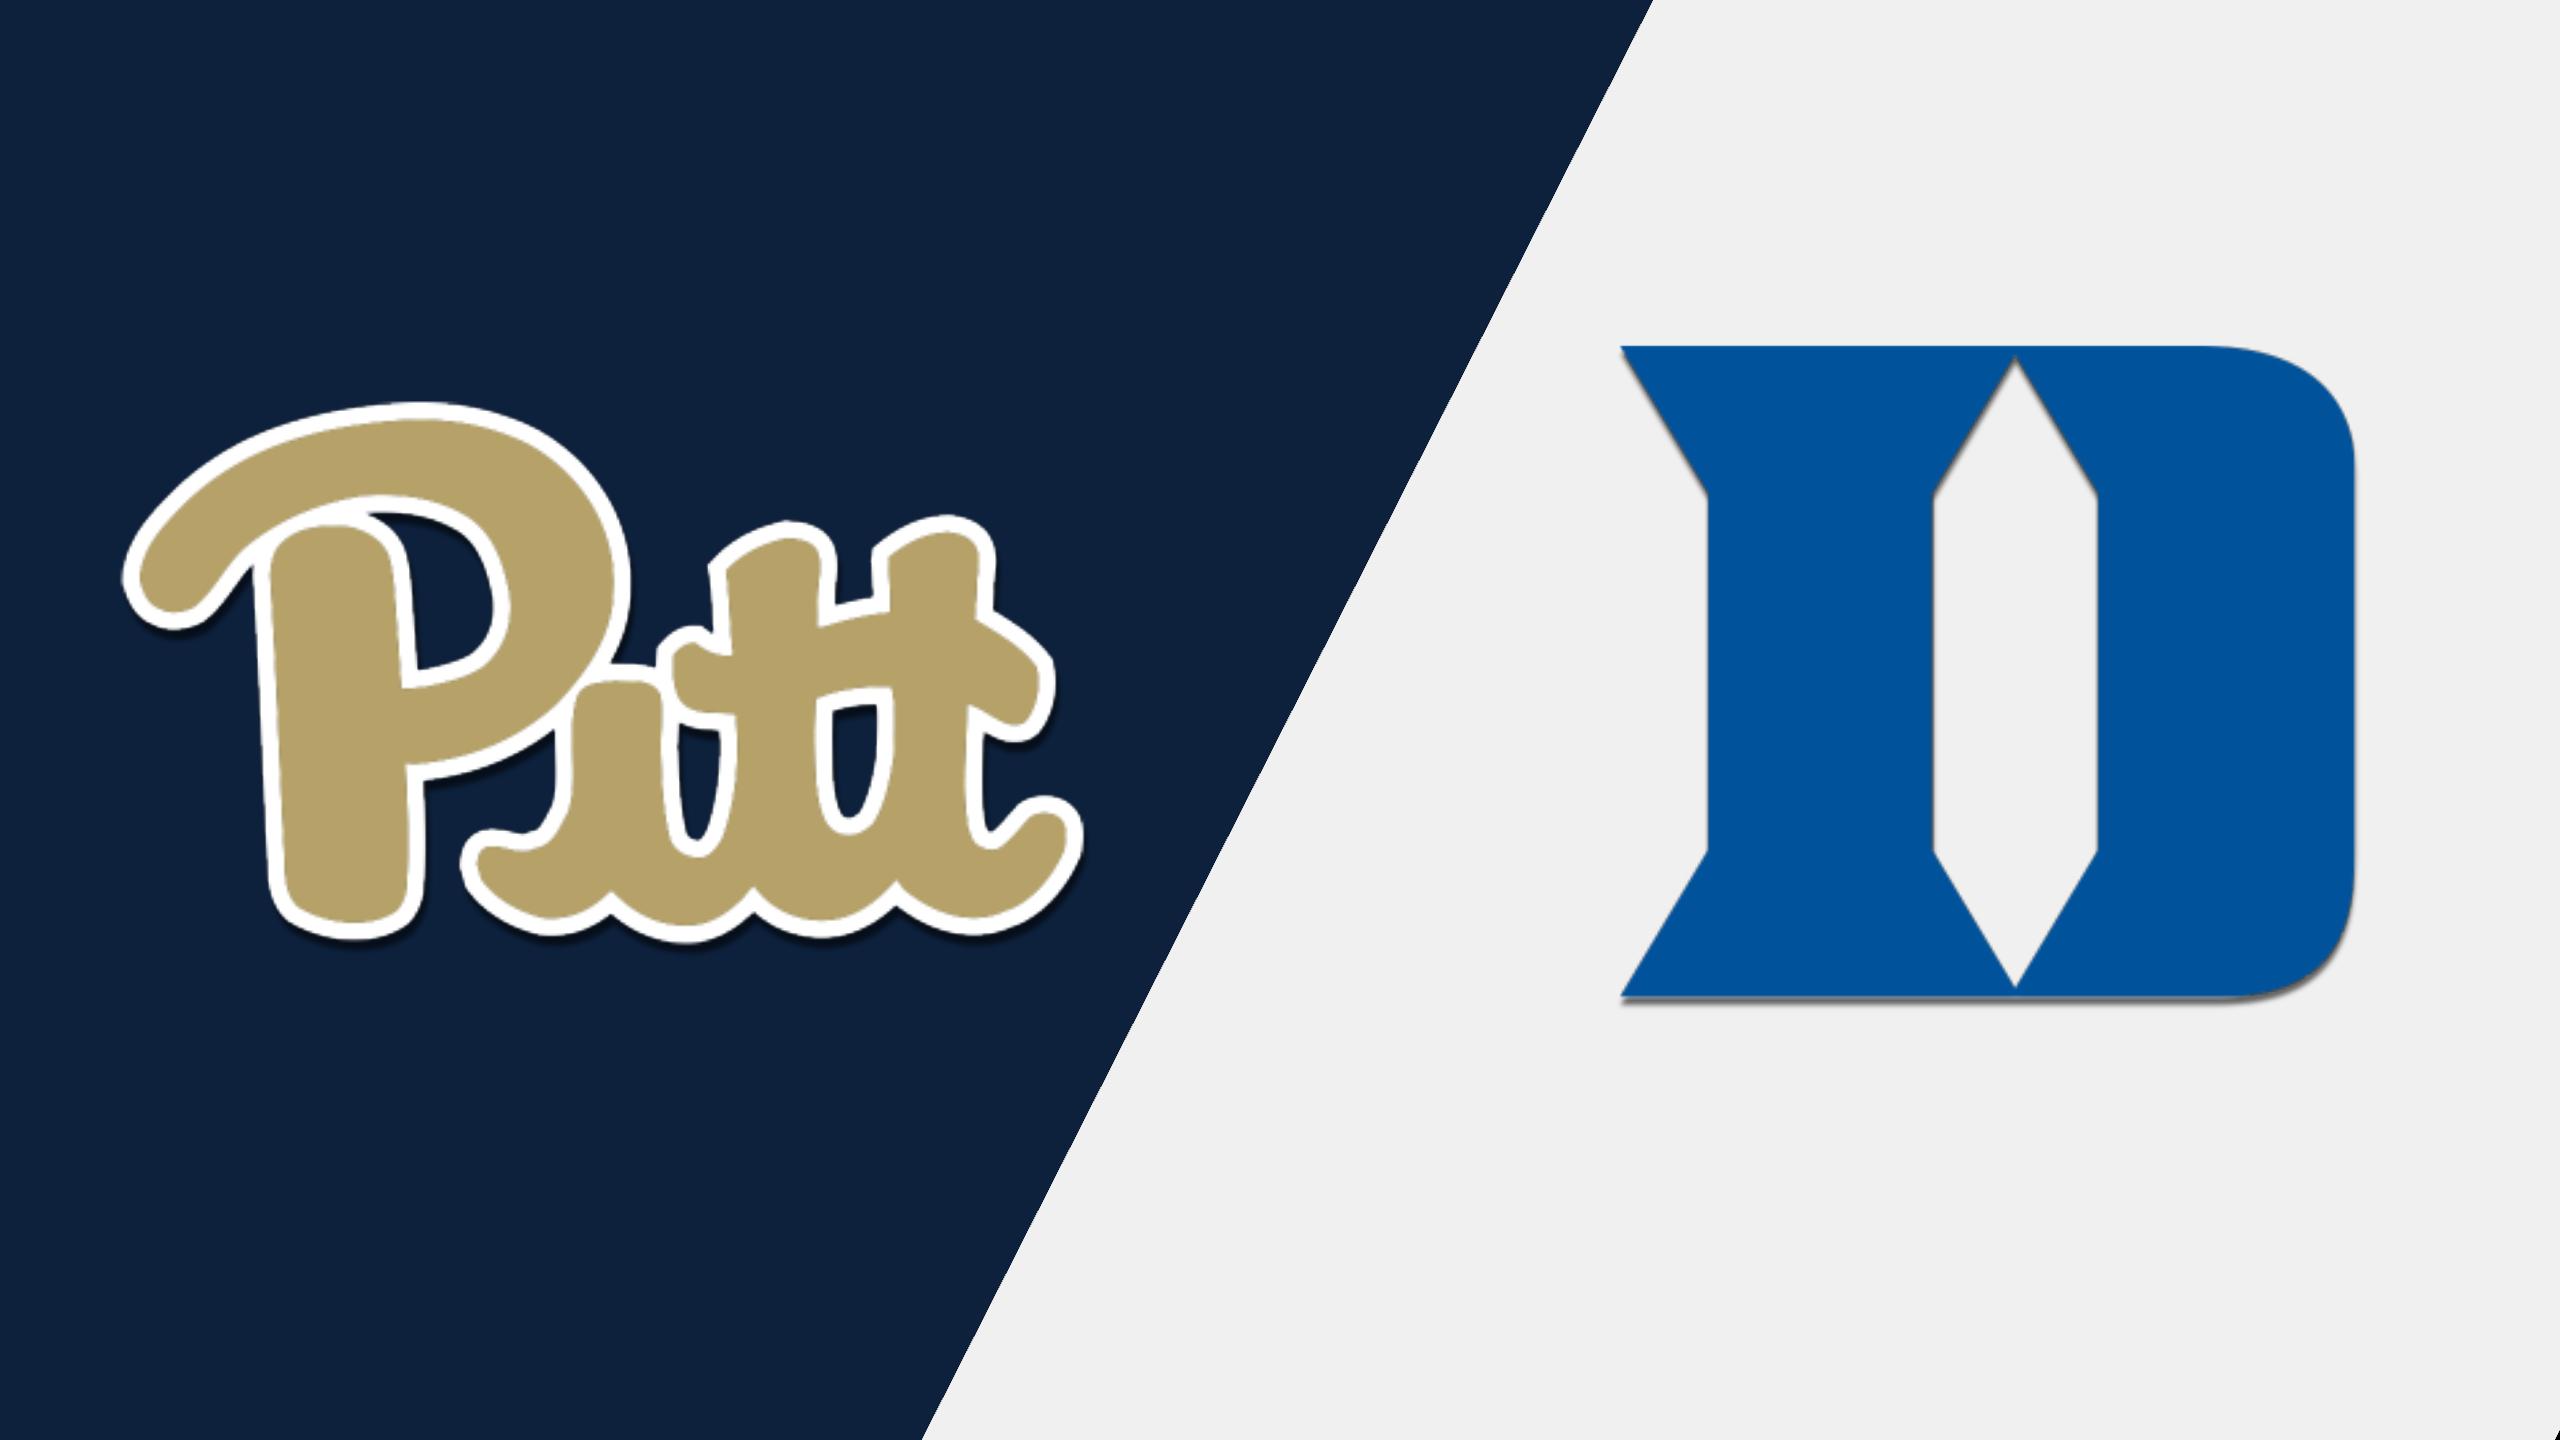 Pittsburgh vs. Duke (Softball)